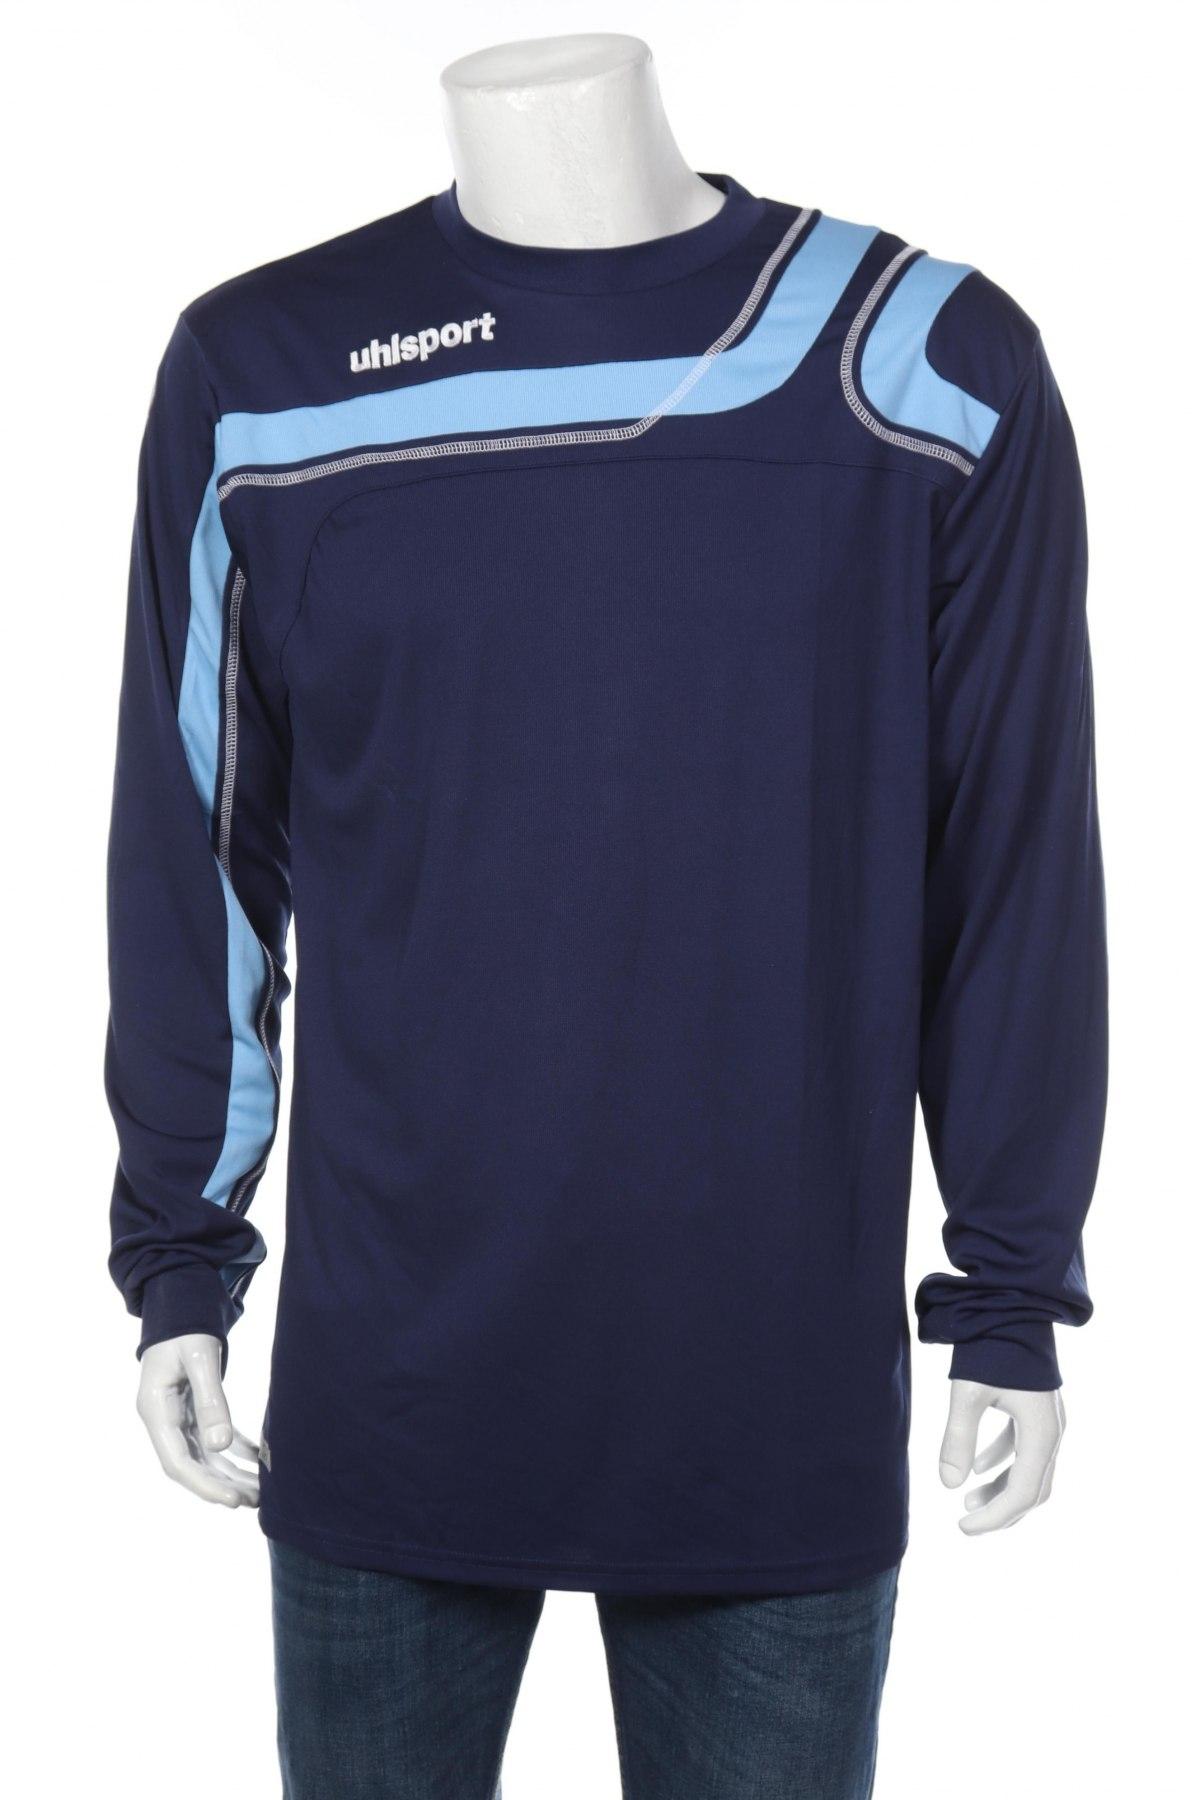 Мъжка спортна блуза Uhlsport, Размер XL, Цвят Син, 100% полиестер, Цена 17,15лв.